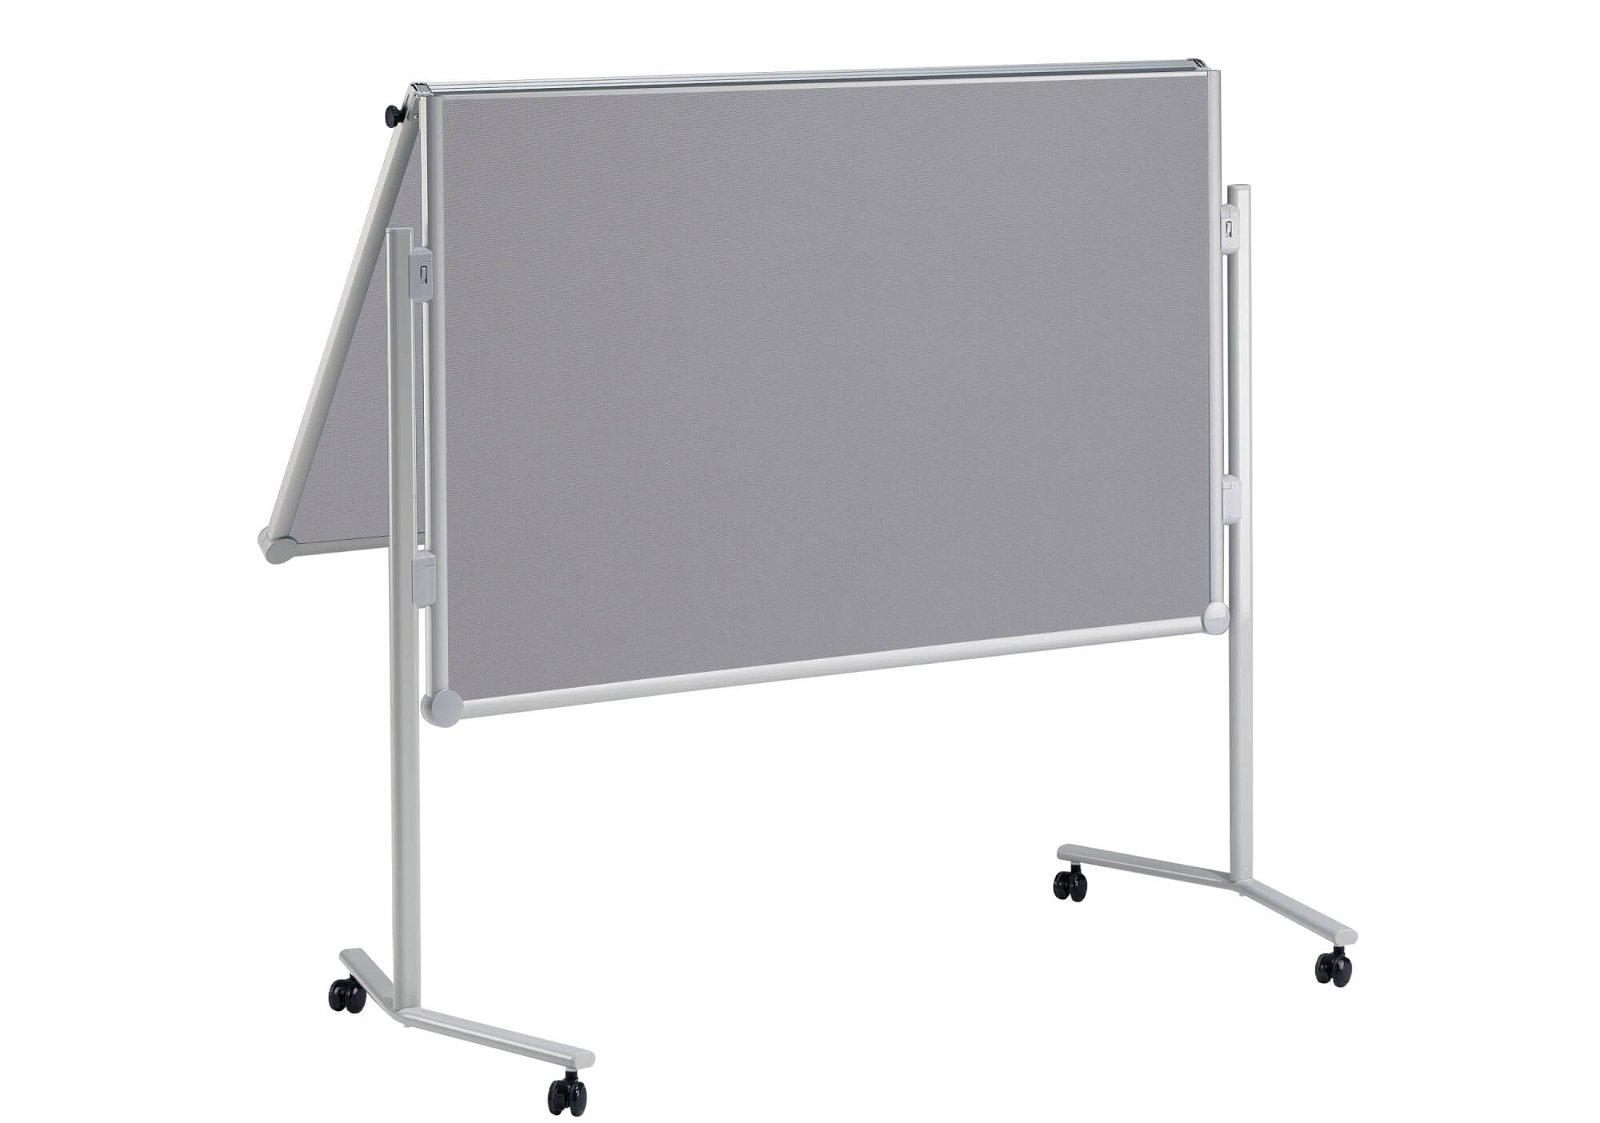 Moderationstafel MAULpro klappb. Textil grau, 150x120cm, grau